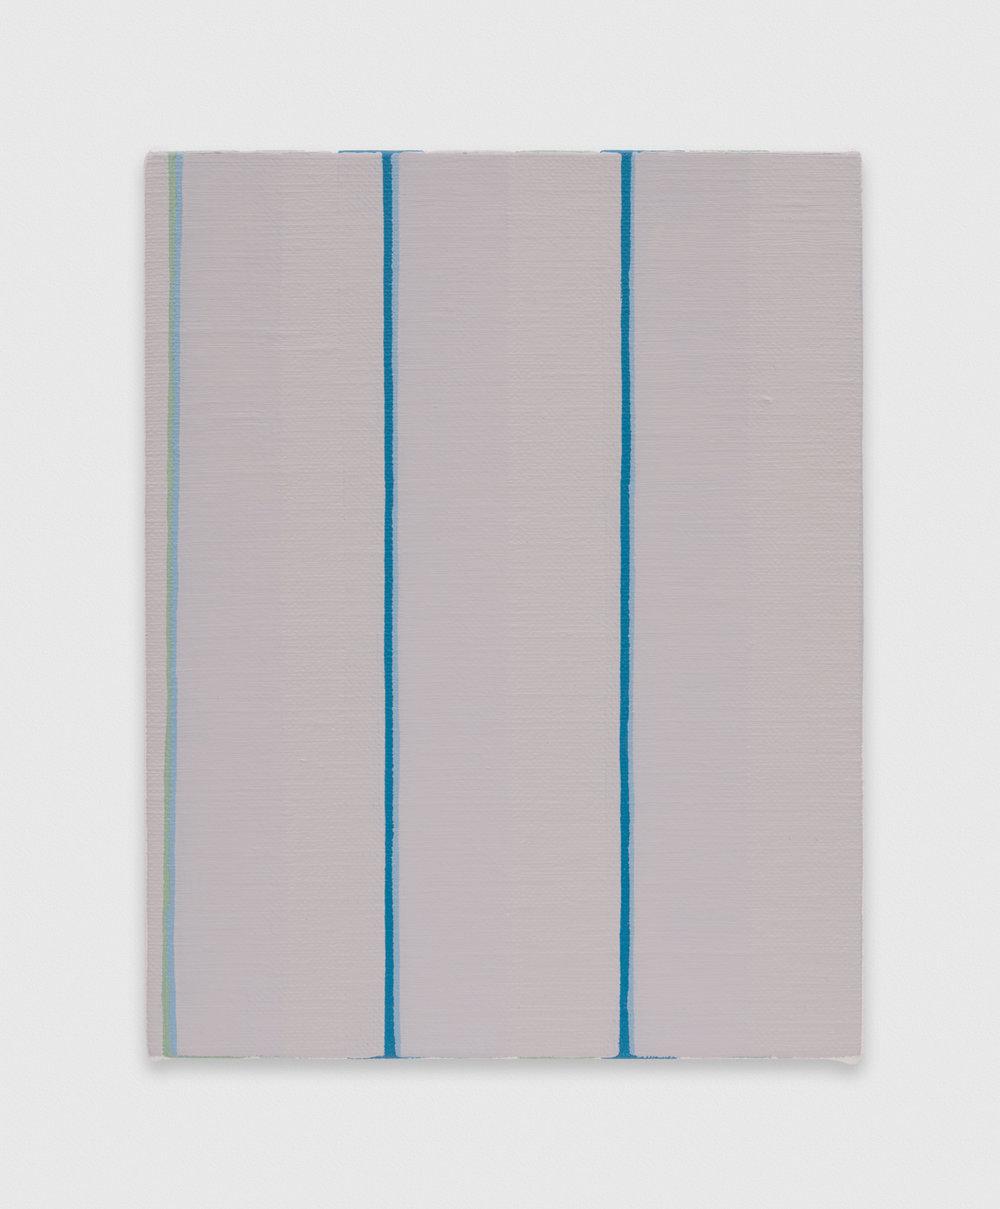 YuiYaegashi  untitled  2018 Oil on canvas 9 1/2h x 7 1/2w in YY125